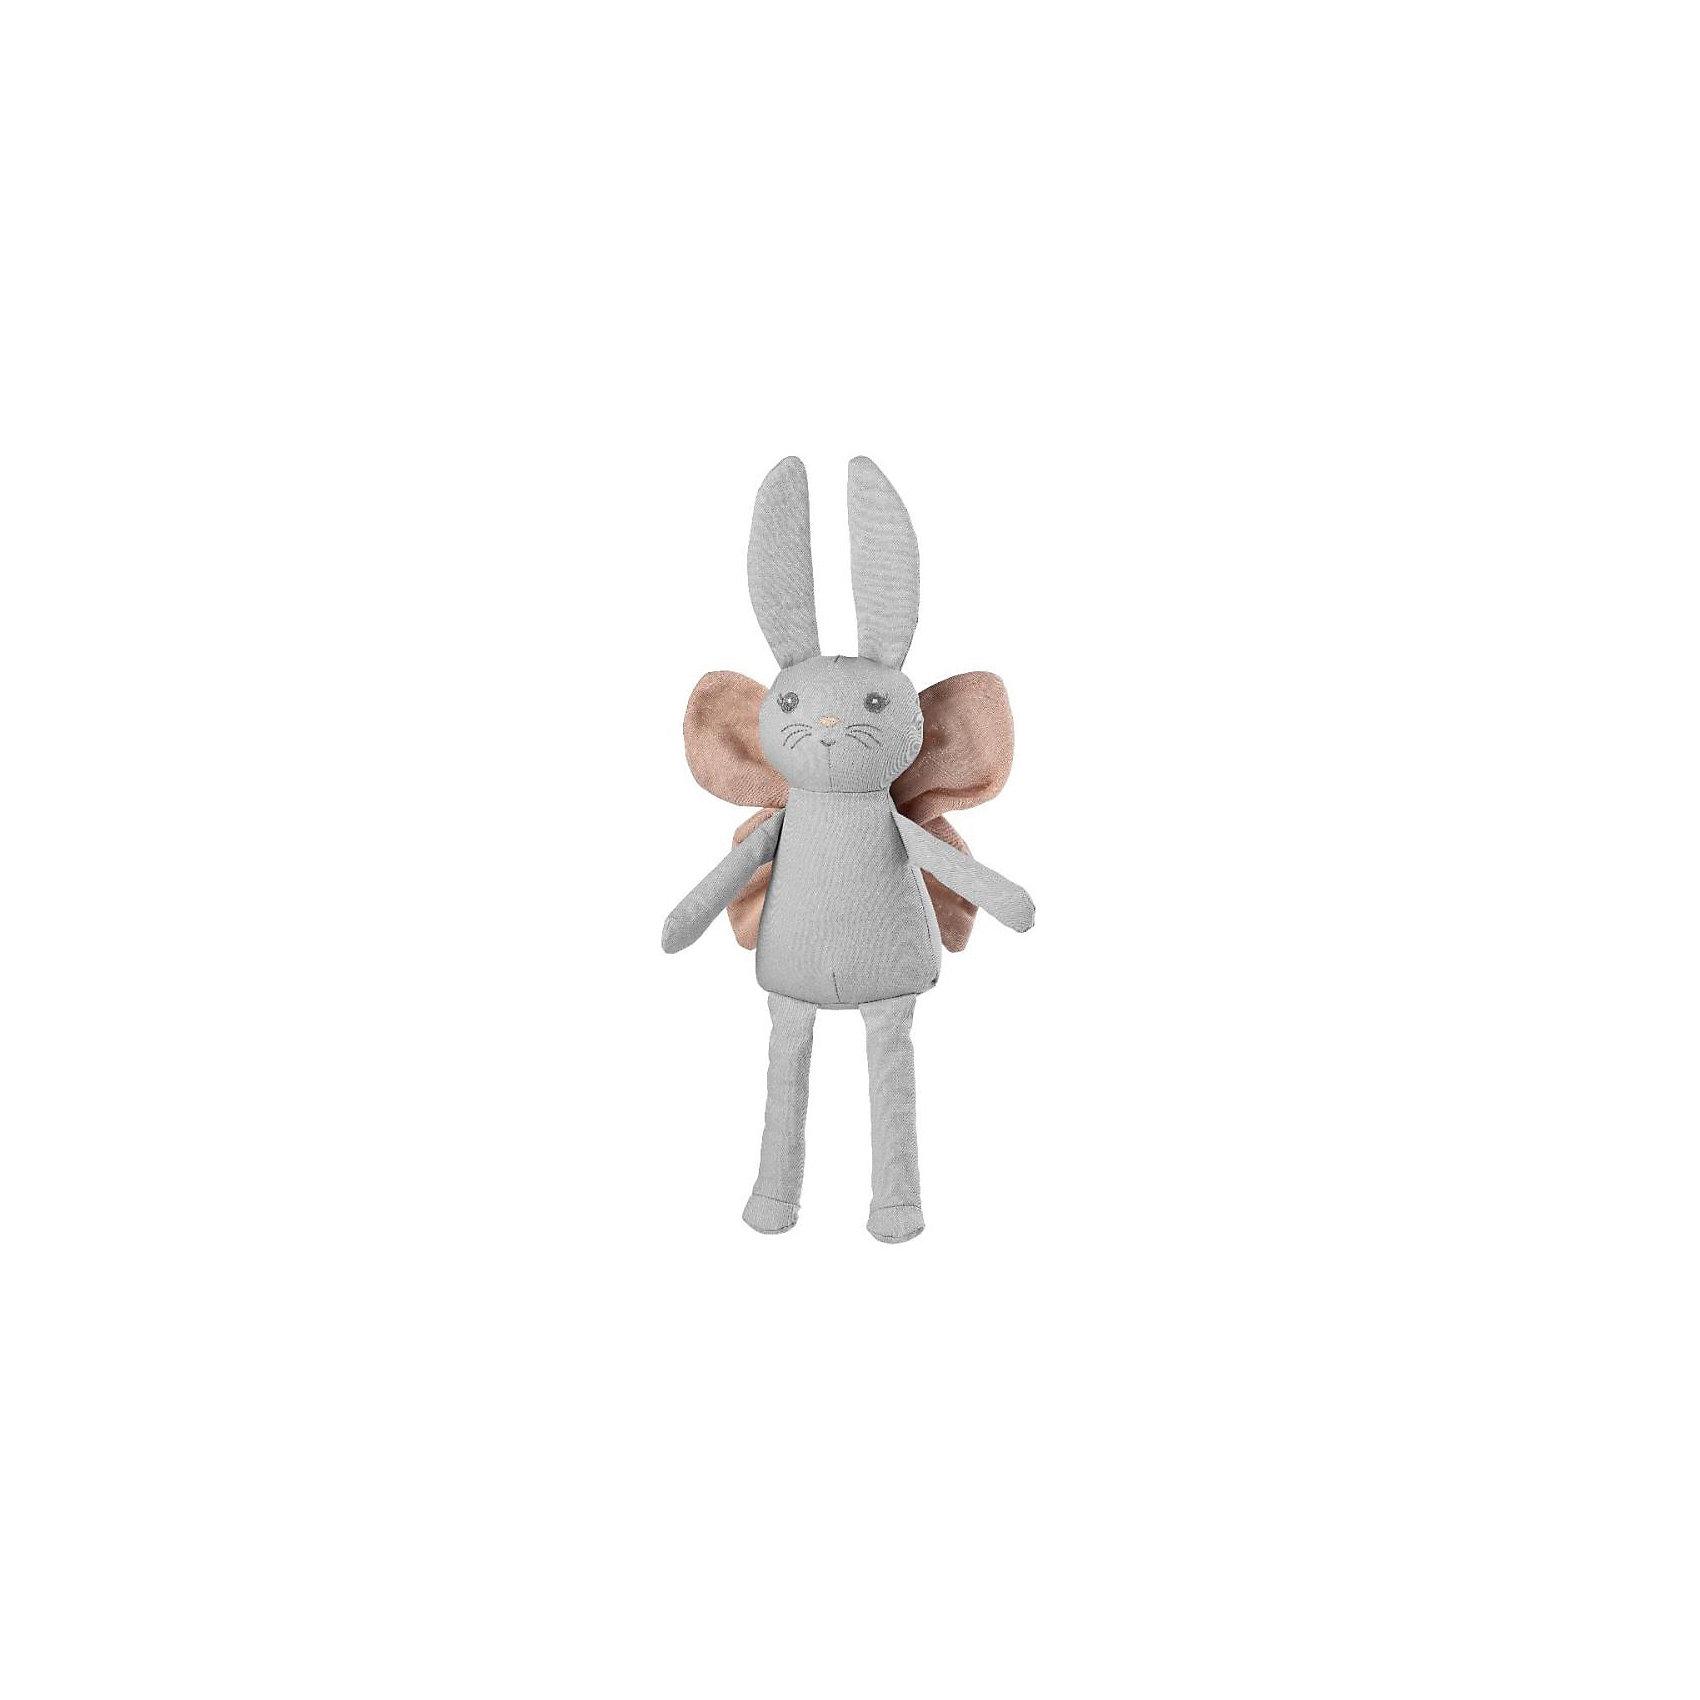 Игрушка Зайчик Tender Bunnybelle, Elodie Details, серыйИгрушка Elodie Details Tender Bunnybelle  Уникальная троица игрушек-кроликов;от Elodie Details. Каждая из игрушек индивидуальна и имеет своей неповторимый характер и дизайн!;Игрушка непременно;станет любимцем вашего малыша;и его верным спутником в приключениях дома или на природе.  - материал 100% хлопок- длина;41 см;(включая уши)<br><br>Ширина мм: 200<br>Глубина мм: 60<br>Высота мм: 120<br>Вес г: 82<br>Возраст от месяцев: 0<br>Возраст до месяцев: 36<br>Пол: Унисекс<br>Возраст: Детский<br>SKU: 4966119